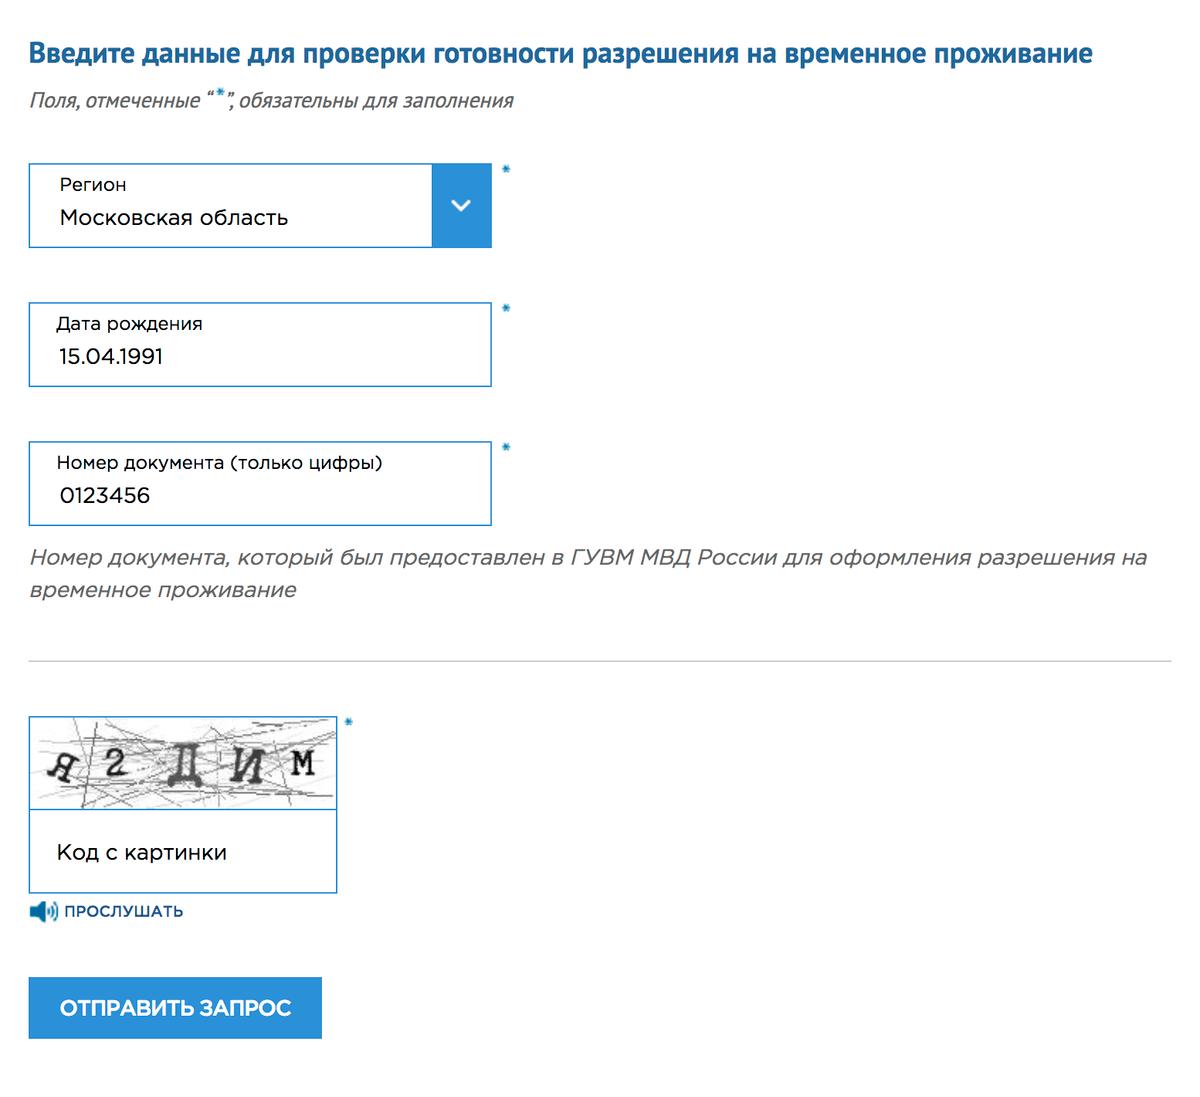 Сервис ГУВМ МВД, гдеможно проверять готовностьРВП